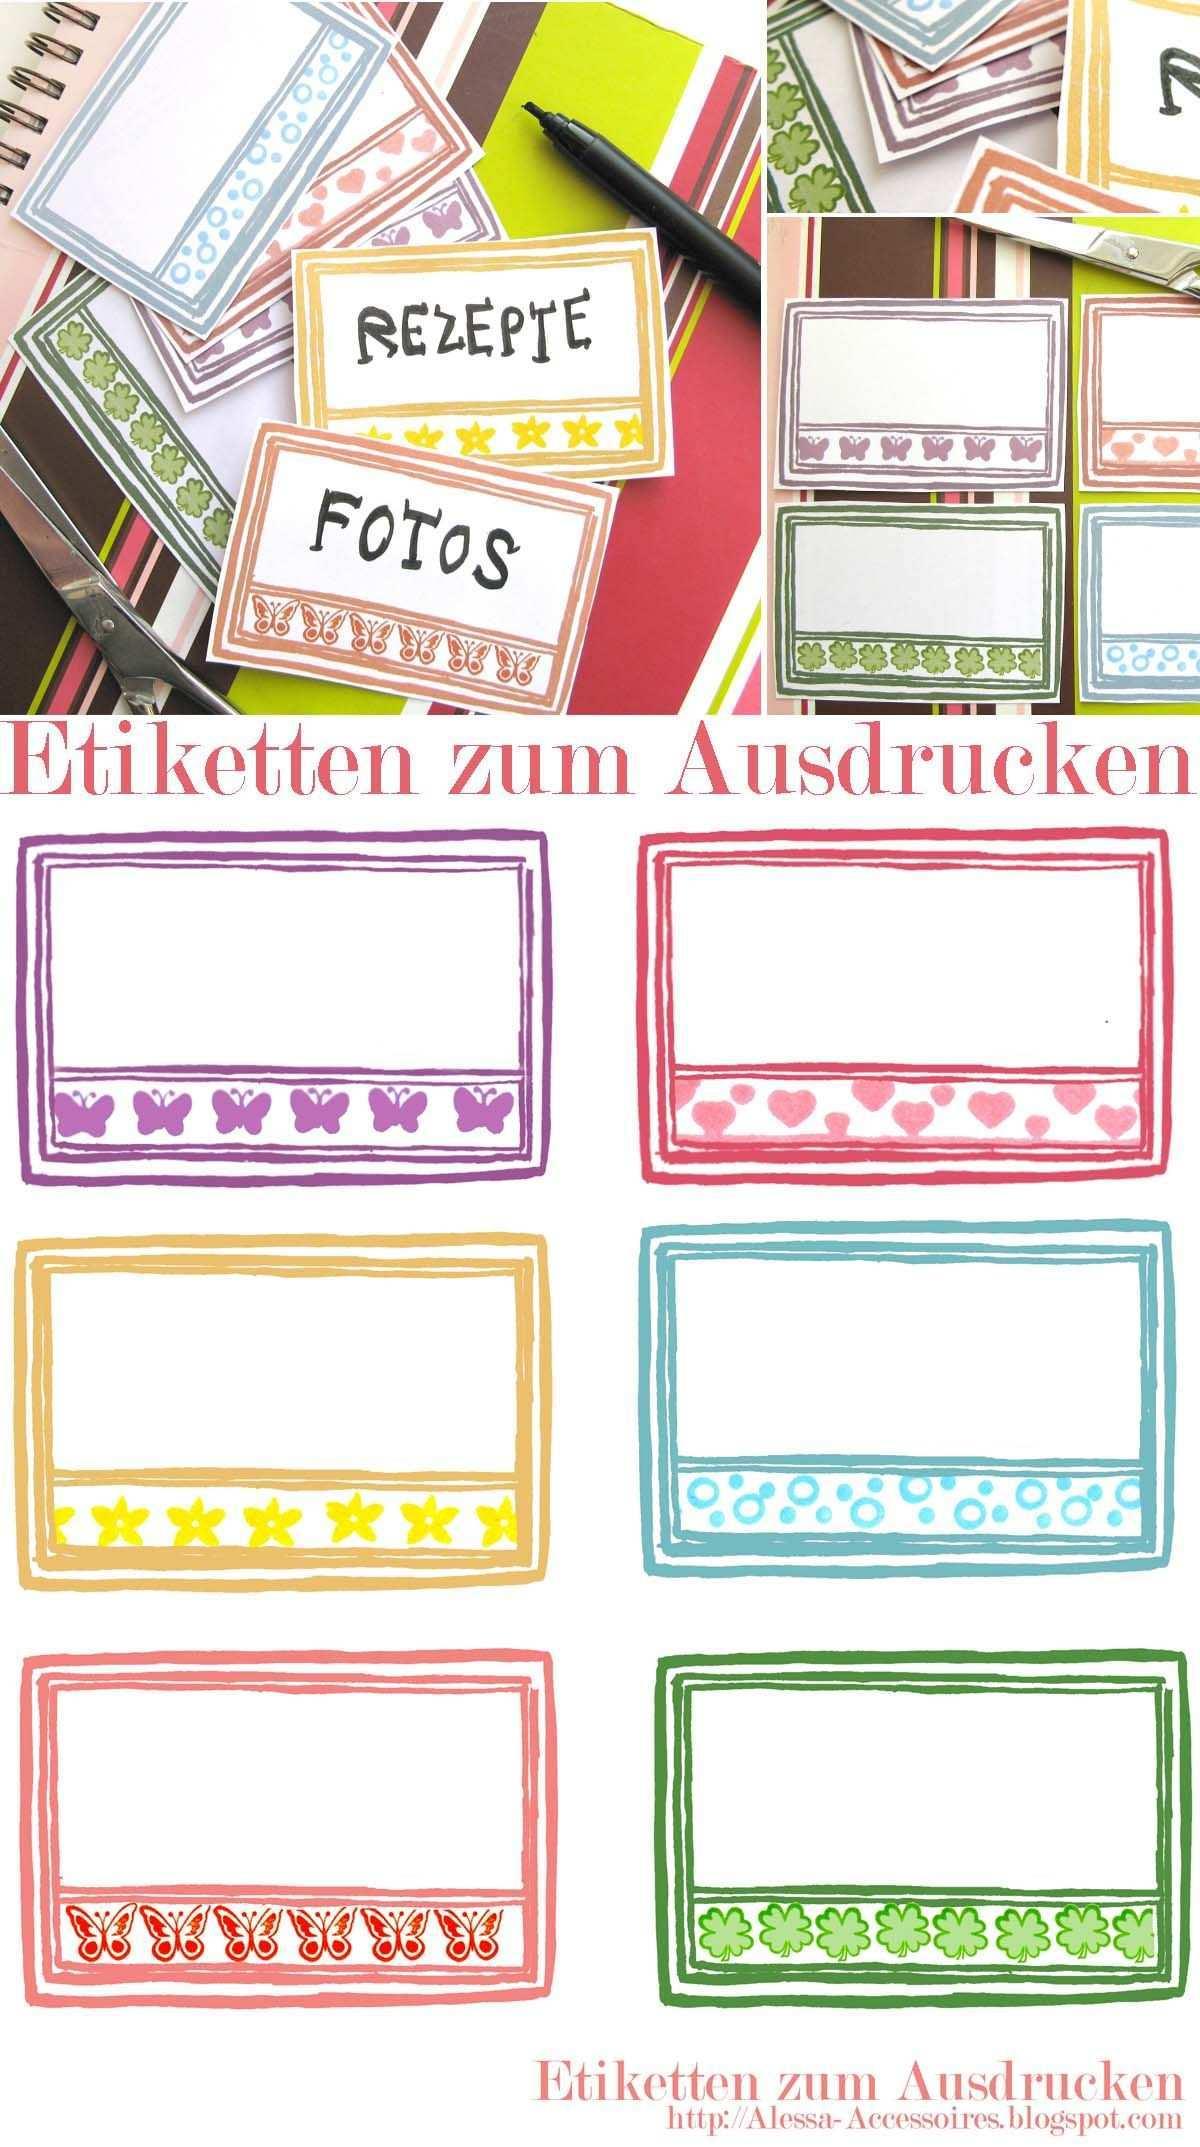 Freebie Etiketten Zum Ausdrucken Handmade Kultur Etiketten Vorlagen Kostenlos Etiketten Erstellen Etiketten Vorlagen